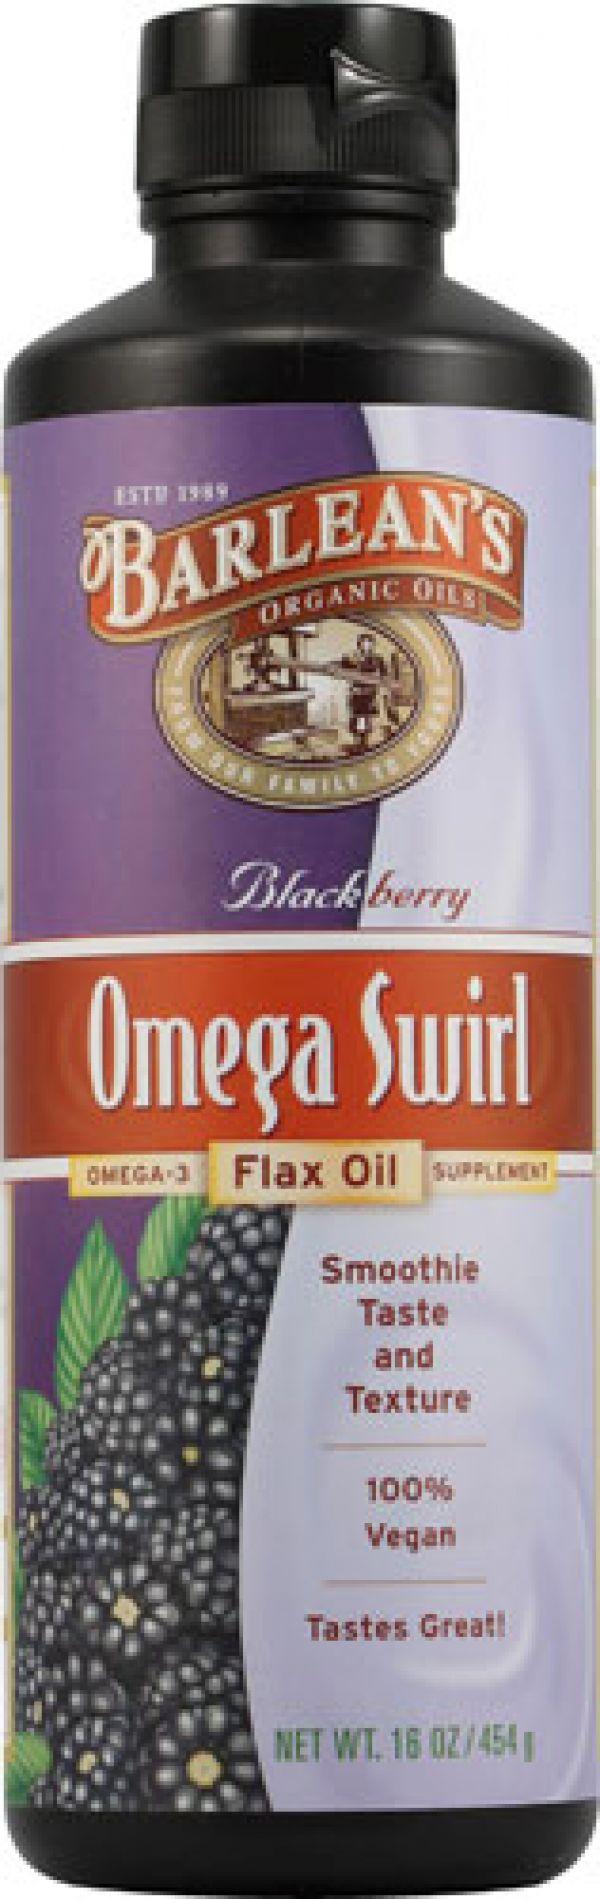 Barlean's Omega Swirl Omega-3 Flax Oil Supplement Blackberry 16 Fl Oz